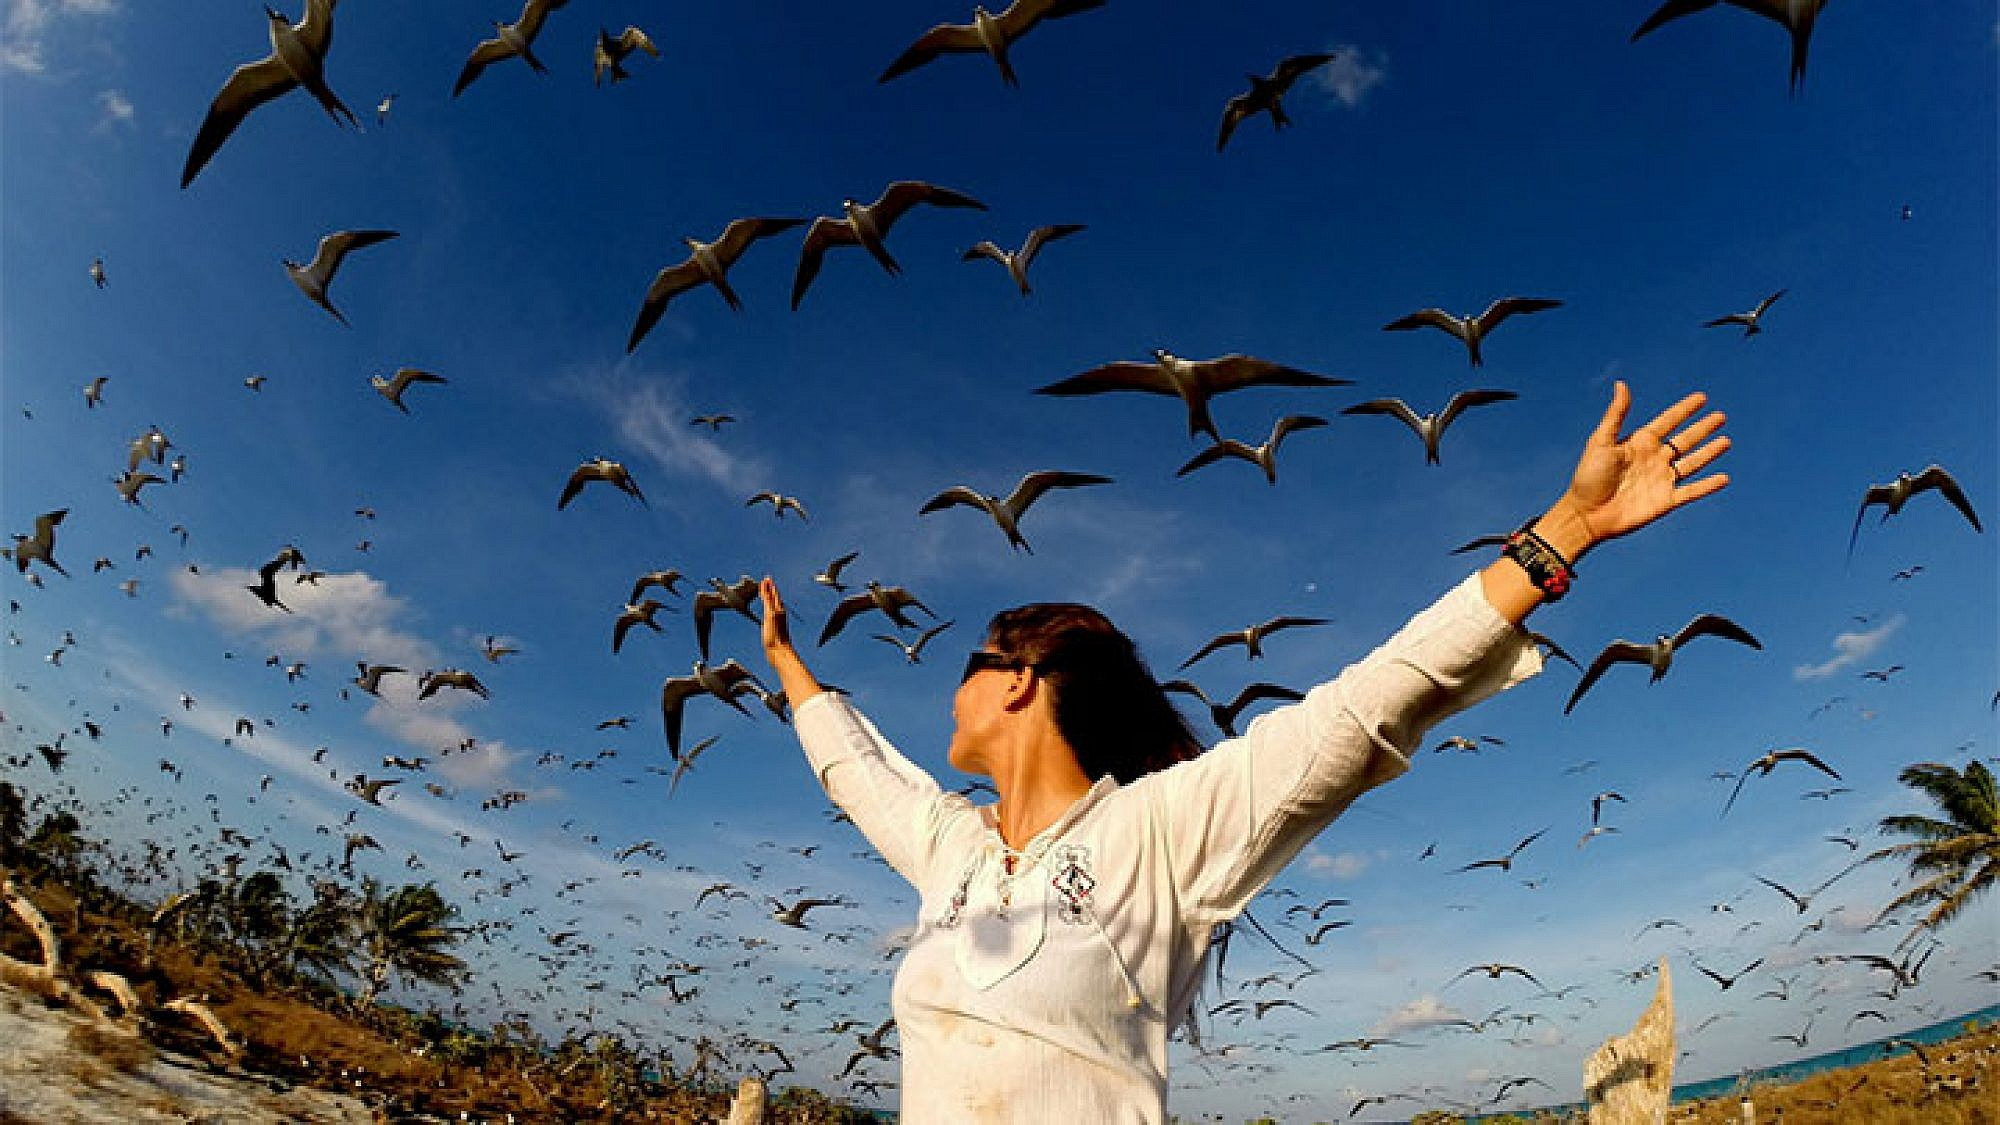 אלפי עופות ים חגו סביבנו וצרחו מלוא גרון. צילום: טניה רמניק ואורן טל